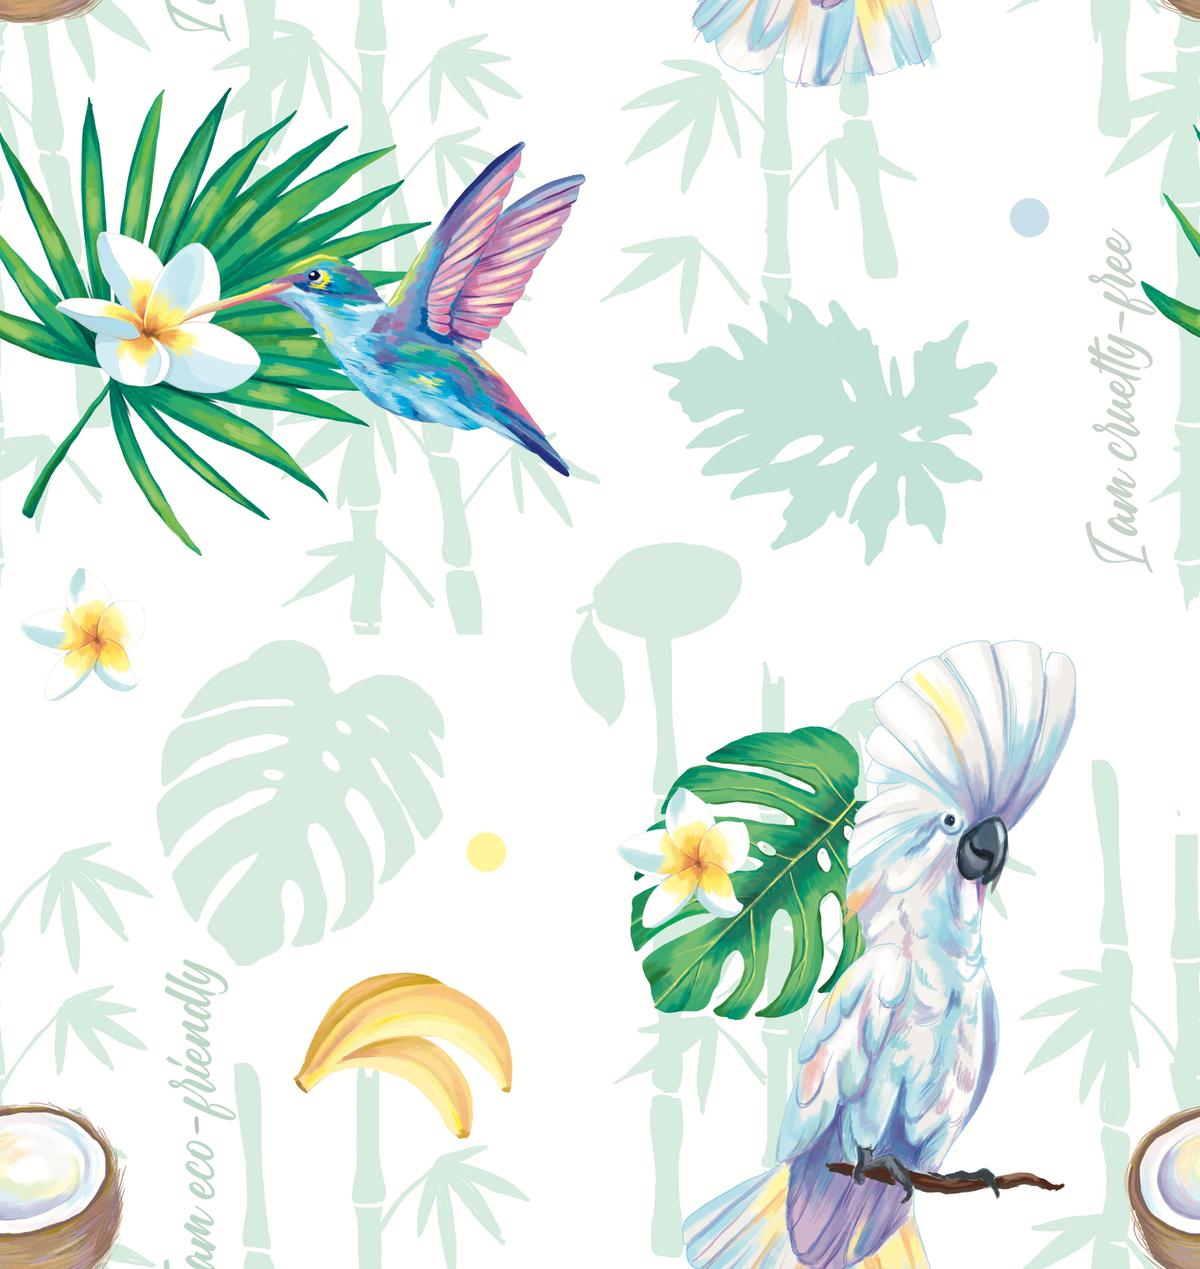 Diaper pattern design